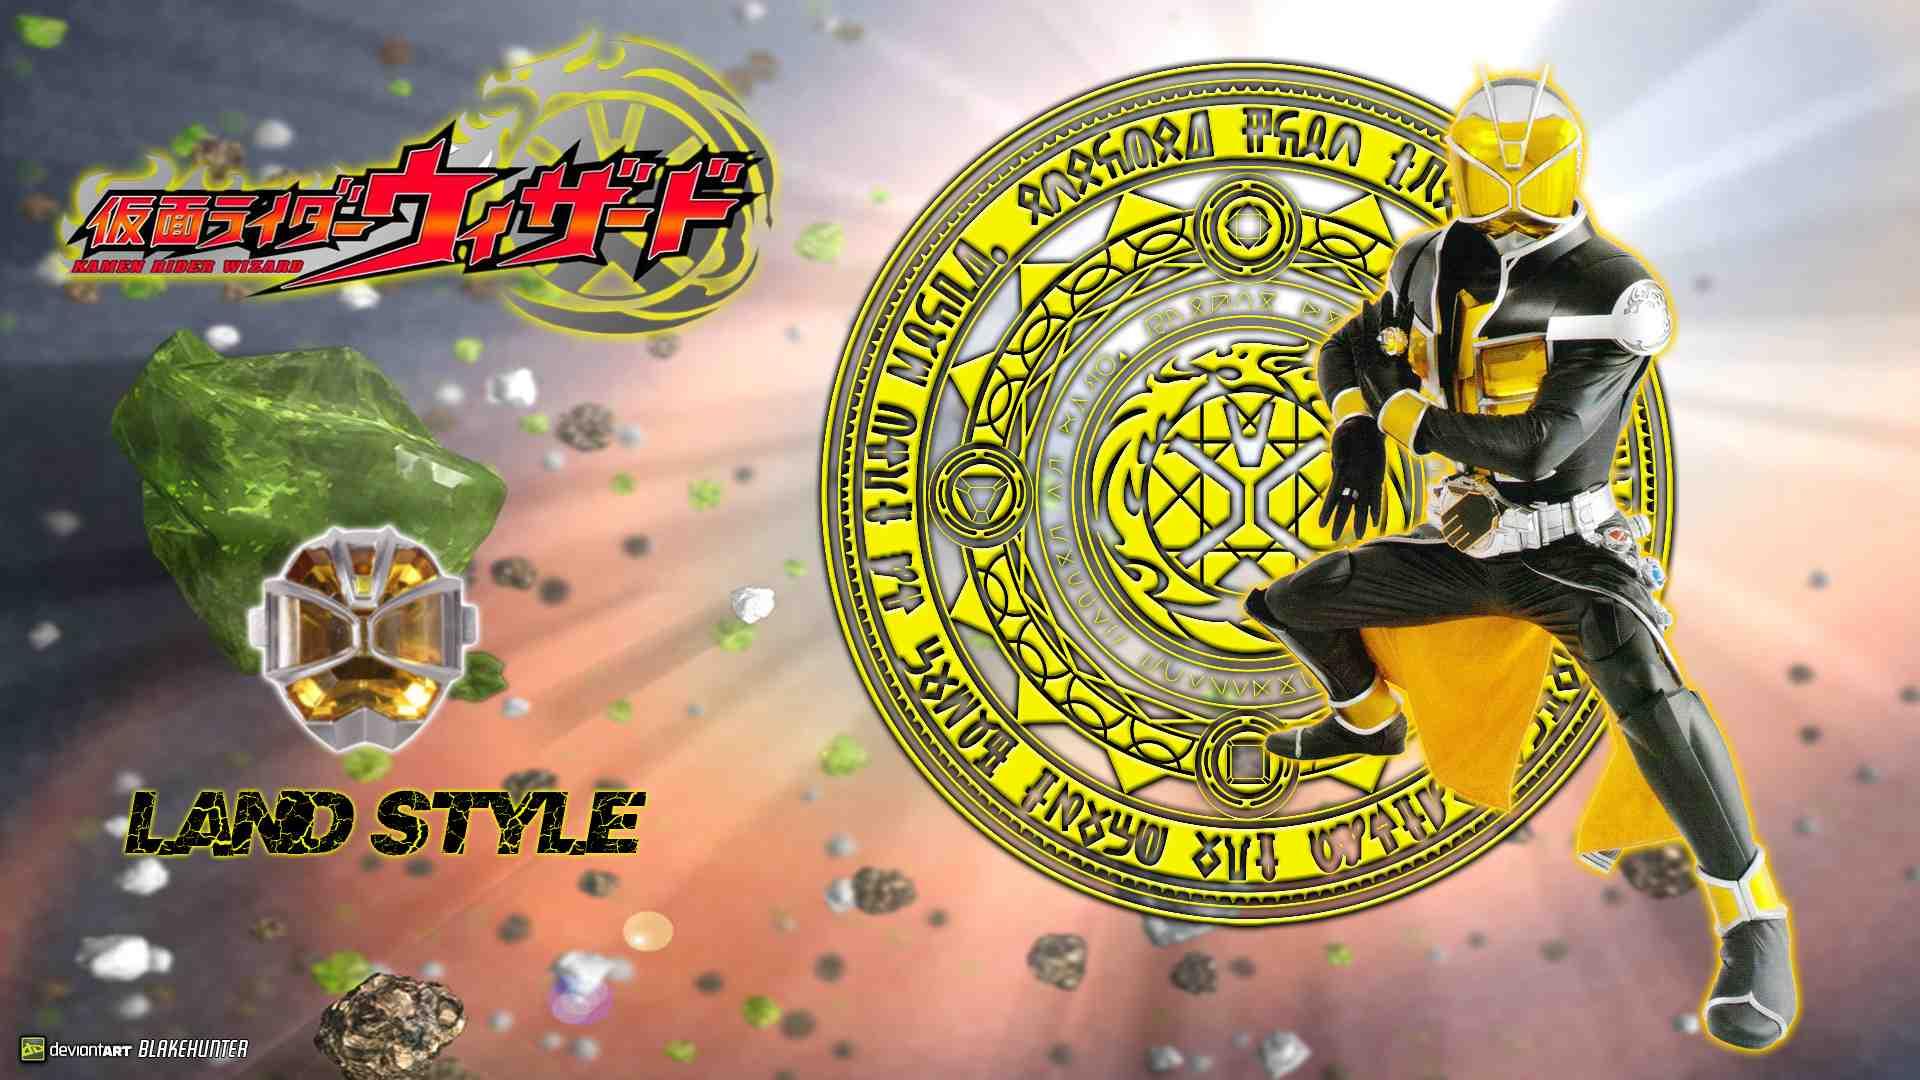 Kamen Rider series continues